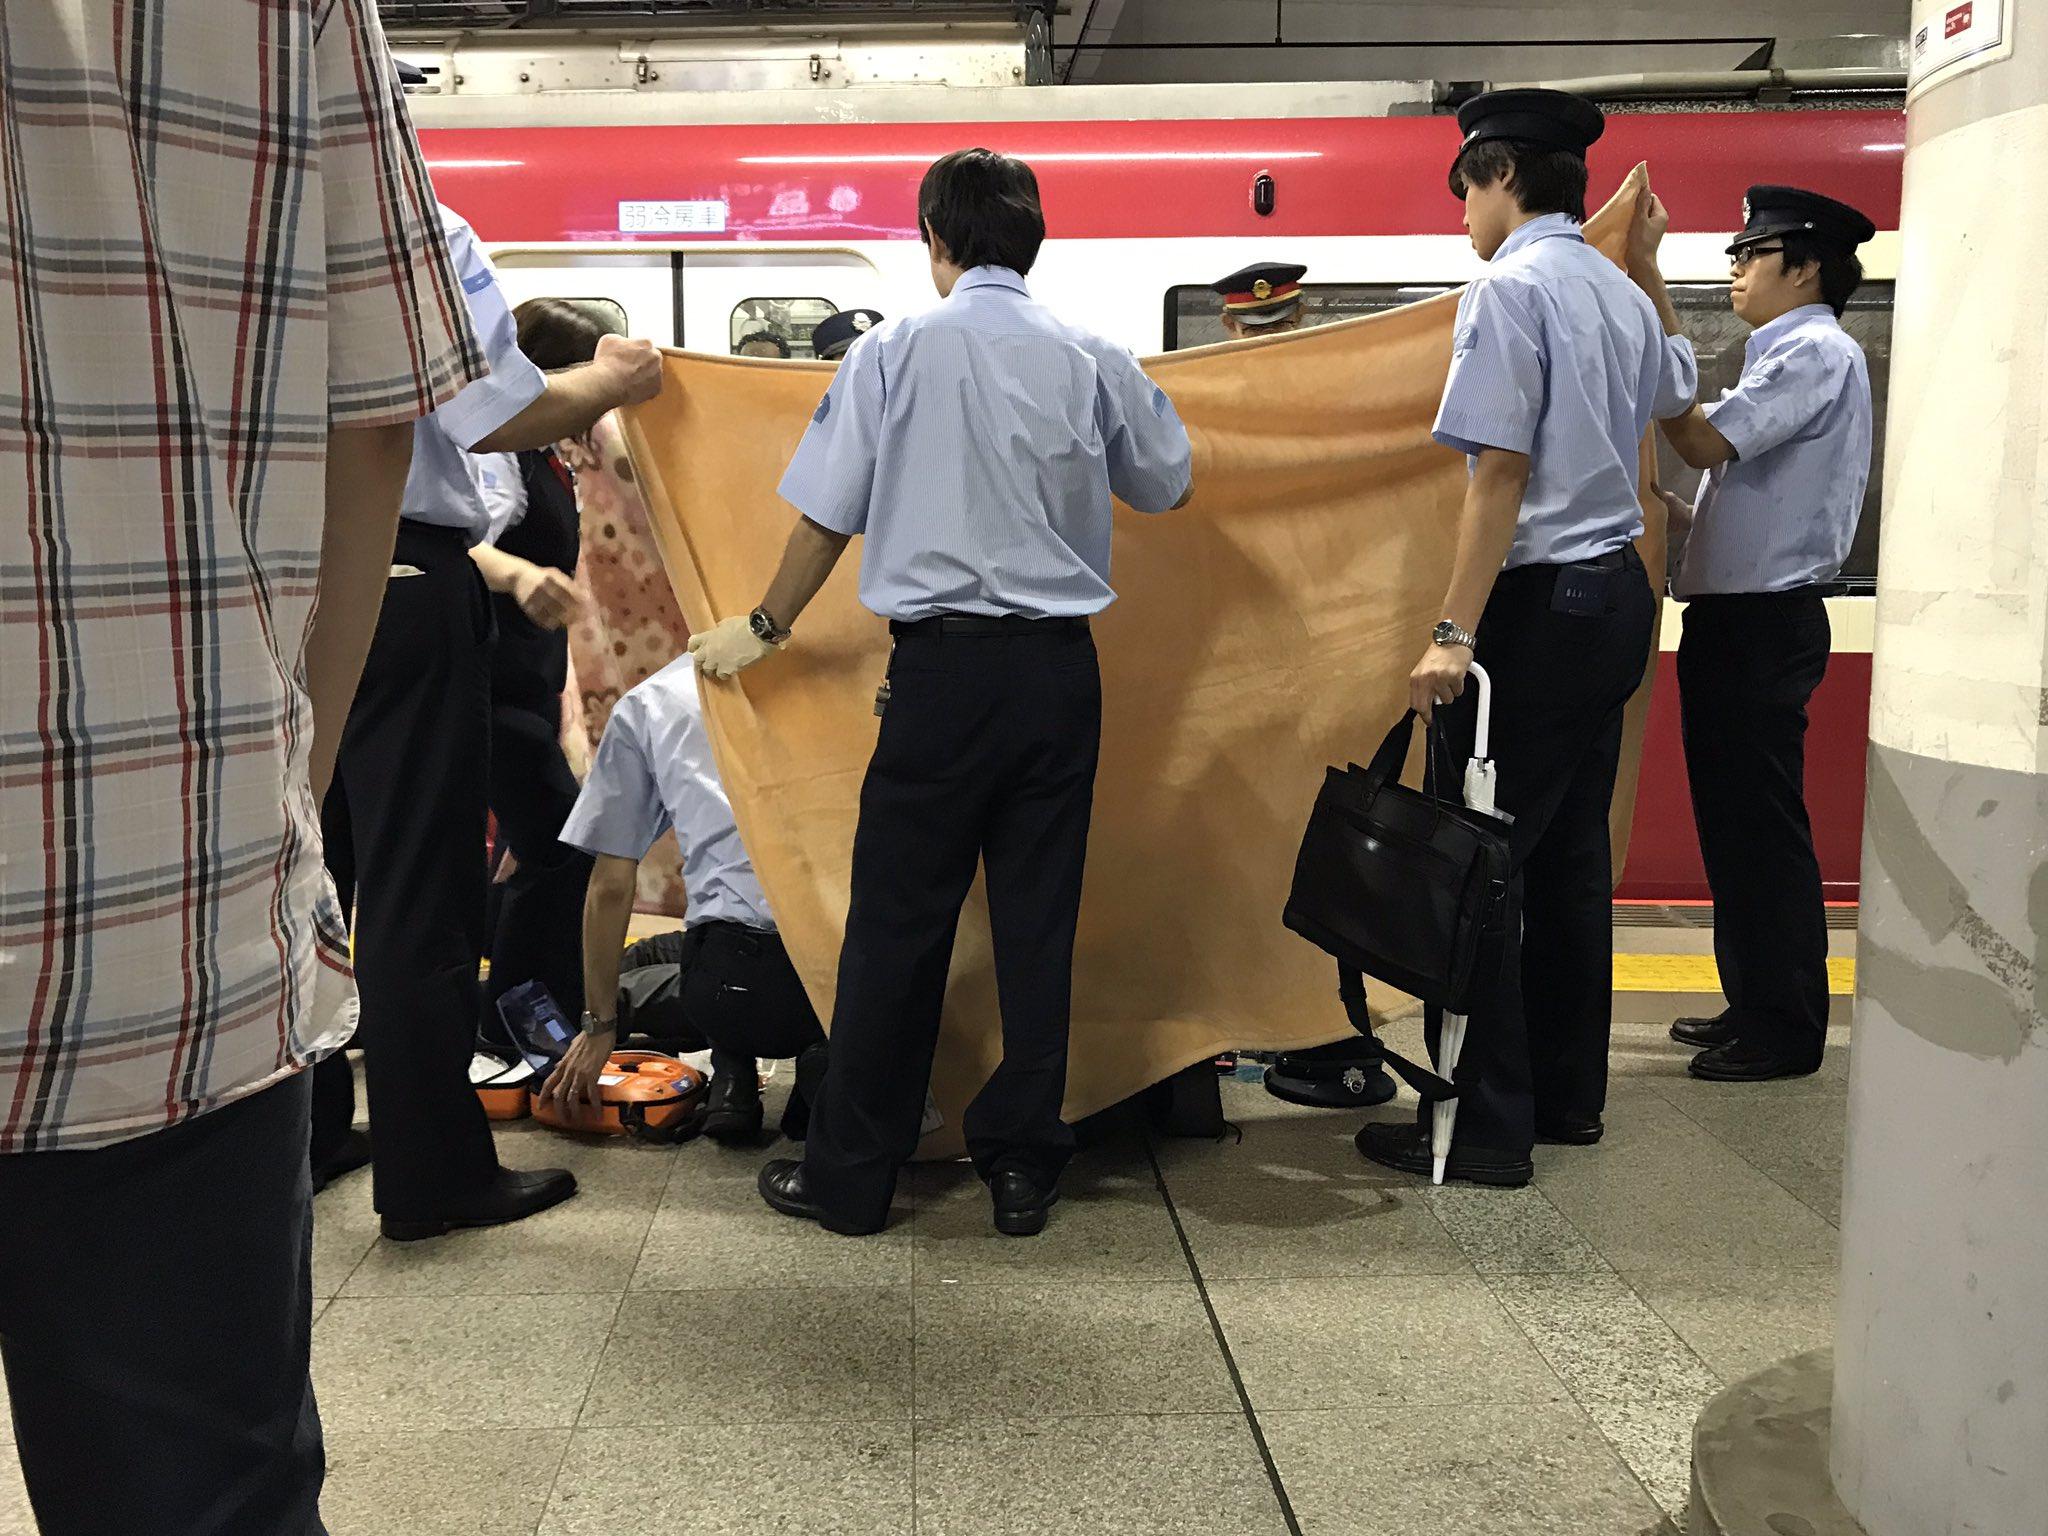 画像,1743 京急品川駅で長い警報鳴らし、駅員らが慌ただしい状態であったのでなんだろうと見たら…人身事故だった… https://t.co/hOCISbxxv5…